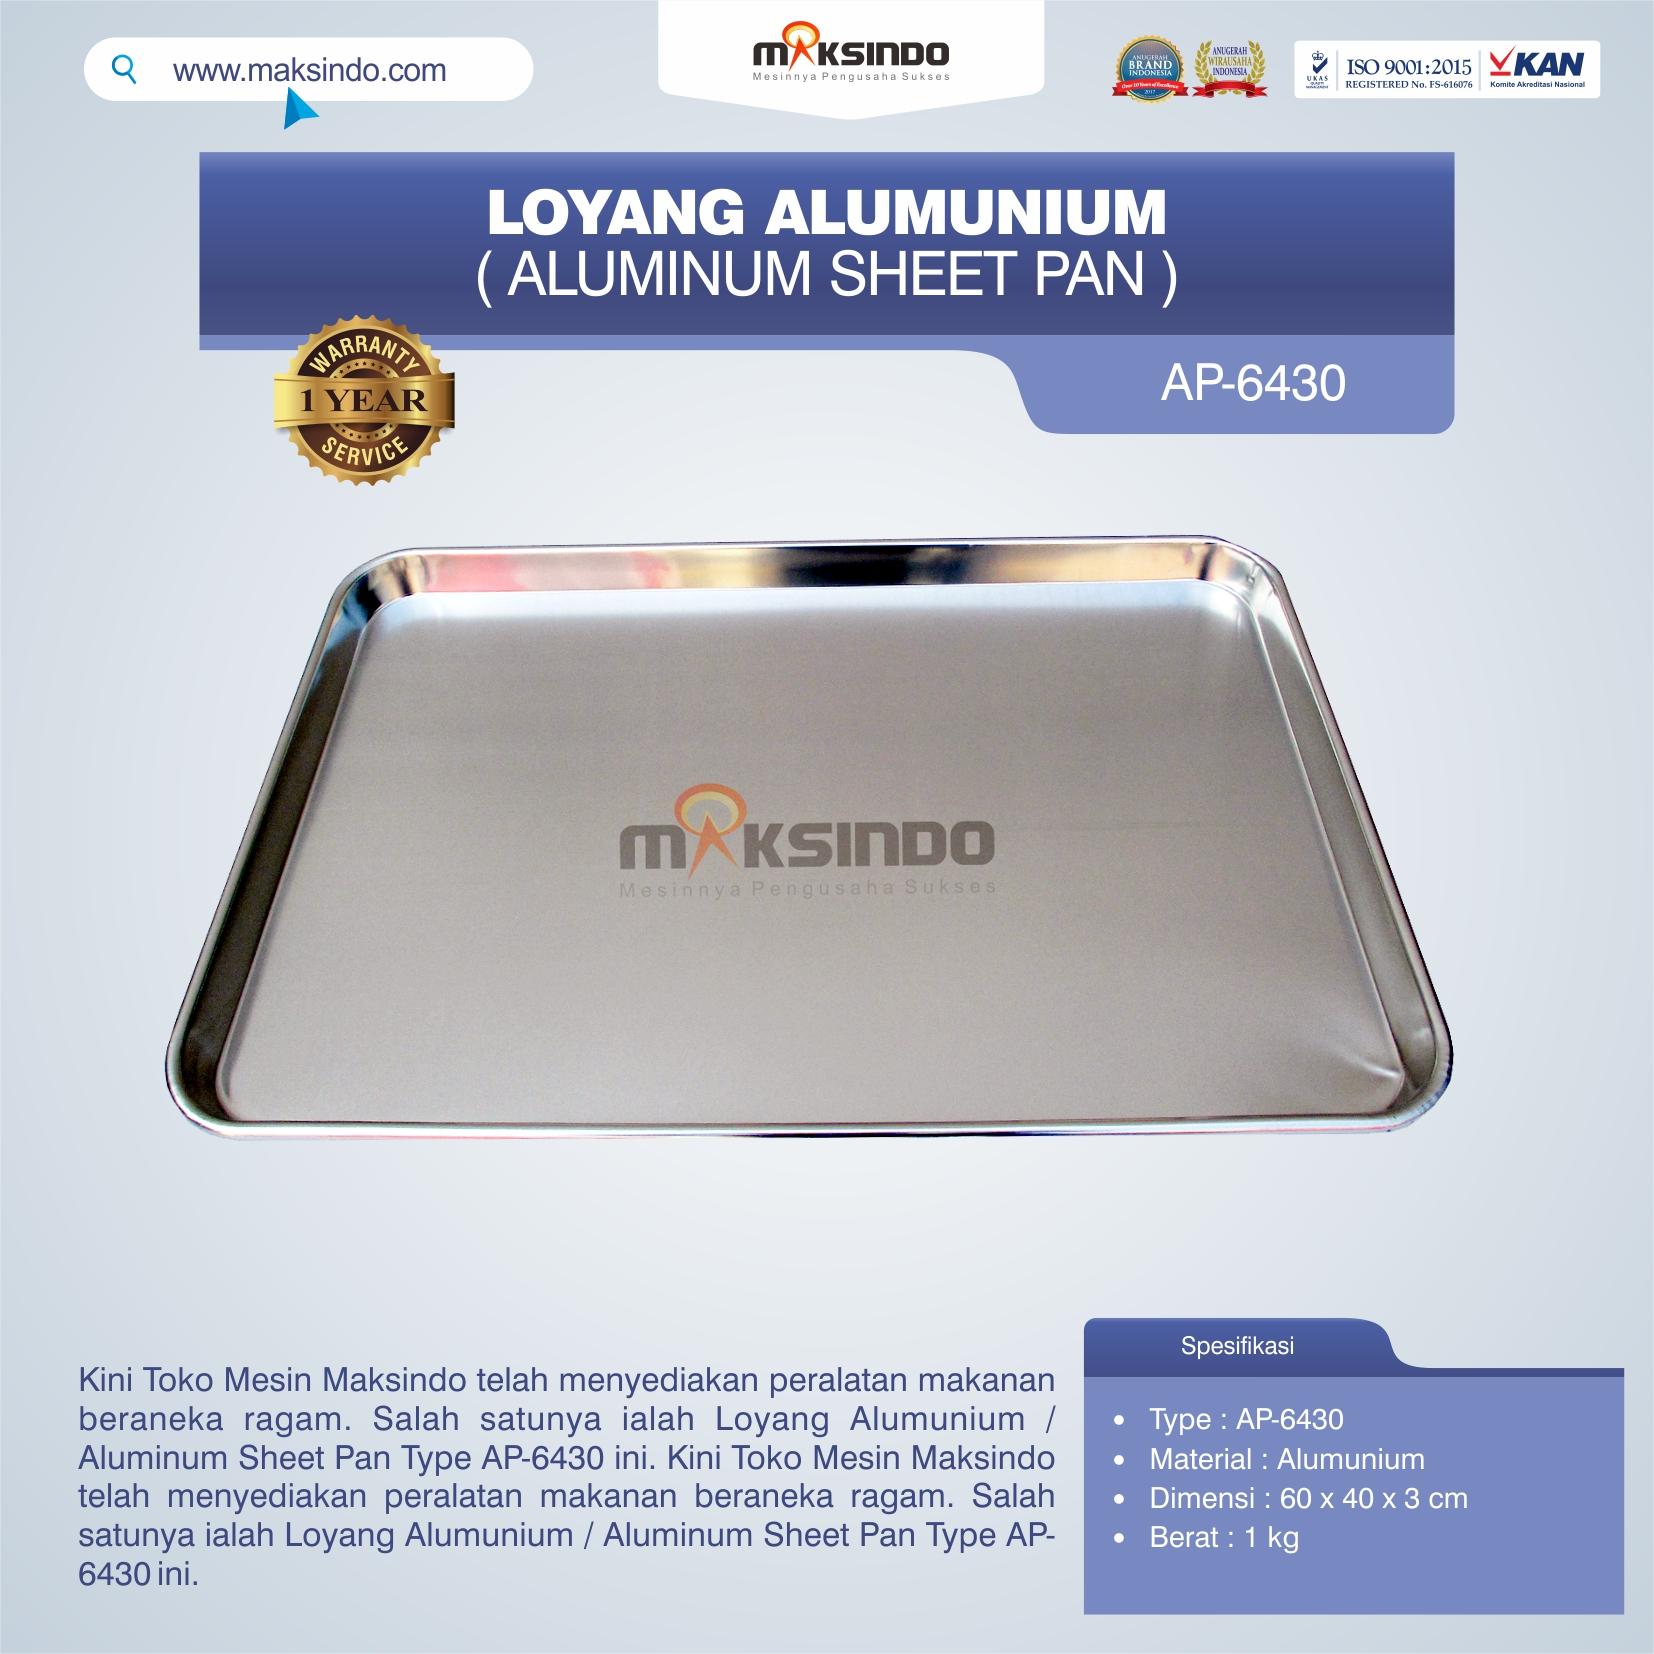 Jual Loyang Alumunium / Aluminum Sheet Pan Type AP-6430 di Bali